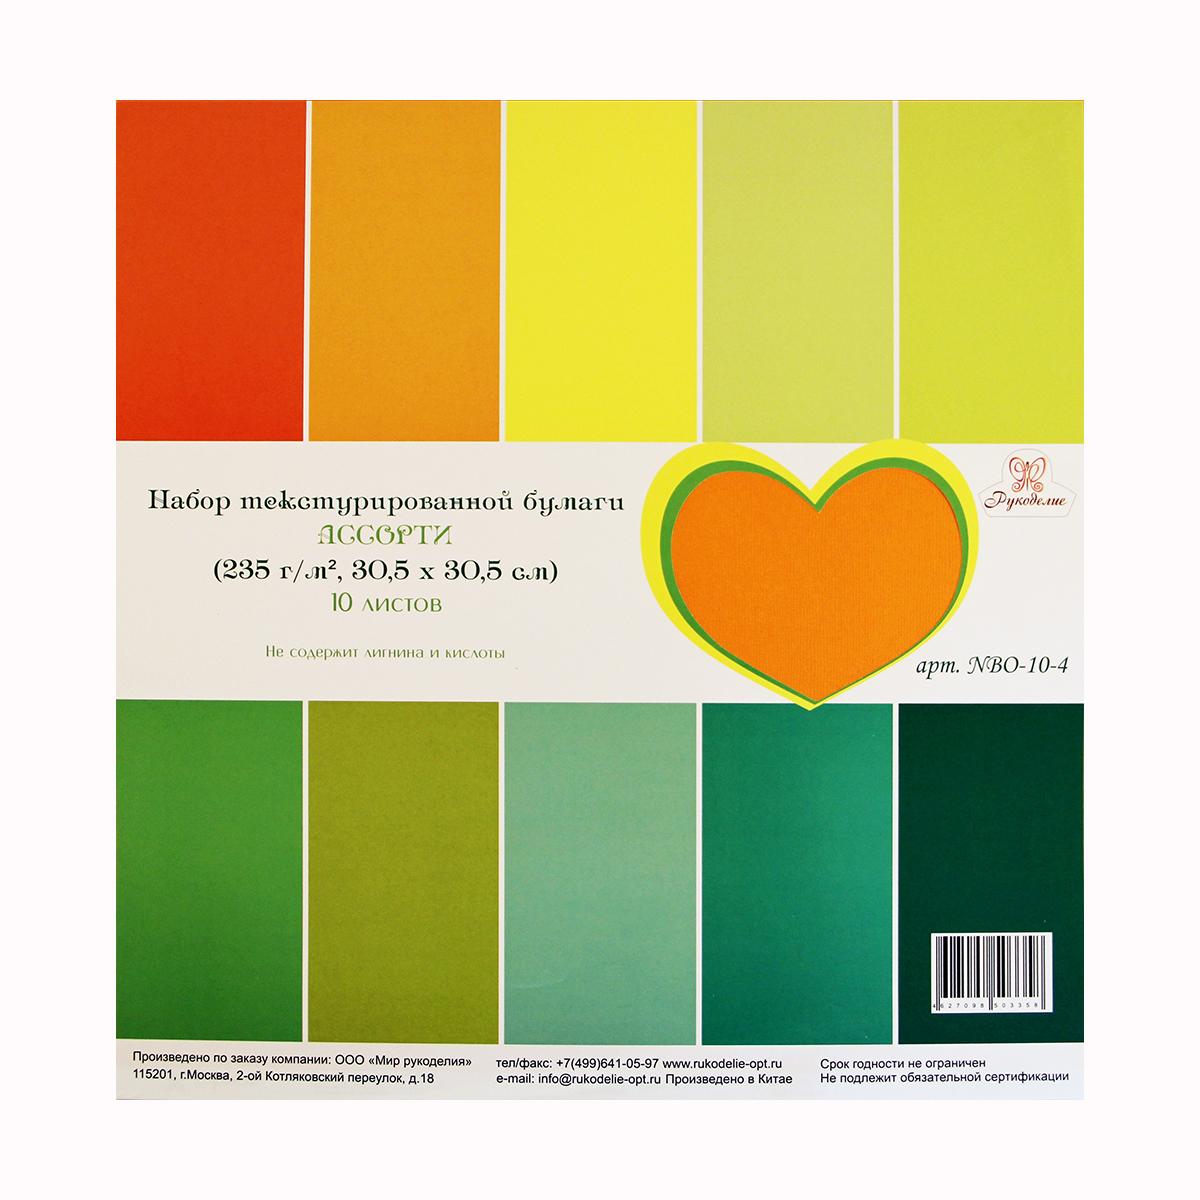 Набор текстурированной бумаги Рукоделие, 30,5 х 30,5 см, 10 листов, цвет: желтый, зеленый488835Набор текстурированной бумаги Рукоделие позволит создать красивый альбом, фоторамку или открытку ручнойработы, оформить подарок или аппликацию в технике скрапбукинг.Набор включает 10 листов бумаги. Бумага несодержит лигнин и кислоты. Скрапбукинг - это хобби, которое способно приносить массу приятных эмоций не только человеку,который этим занимается, но и его близким, друзьям, родным. Это невероятно увлекательноезанятие, которое поможет вам сохранить наиболее памятные и яркие моменты вашей жизни, атакже интересно оформить интерьер дома. Размер листа: 30,5 х 30,5 см. Плотность: 235 г/м2.